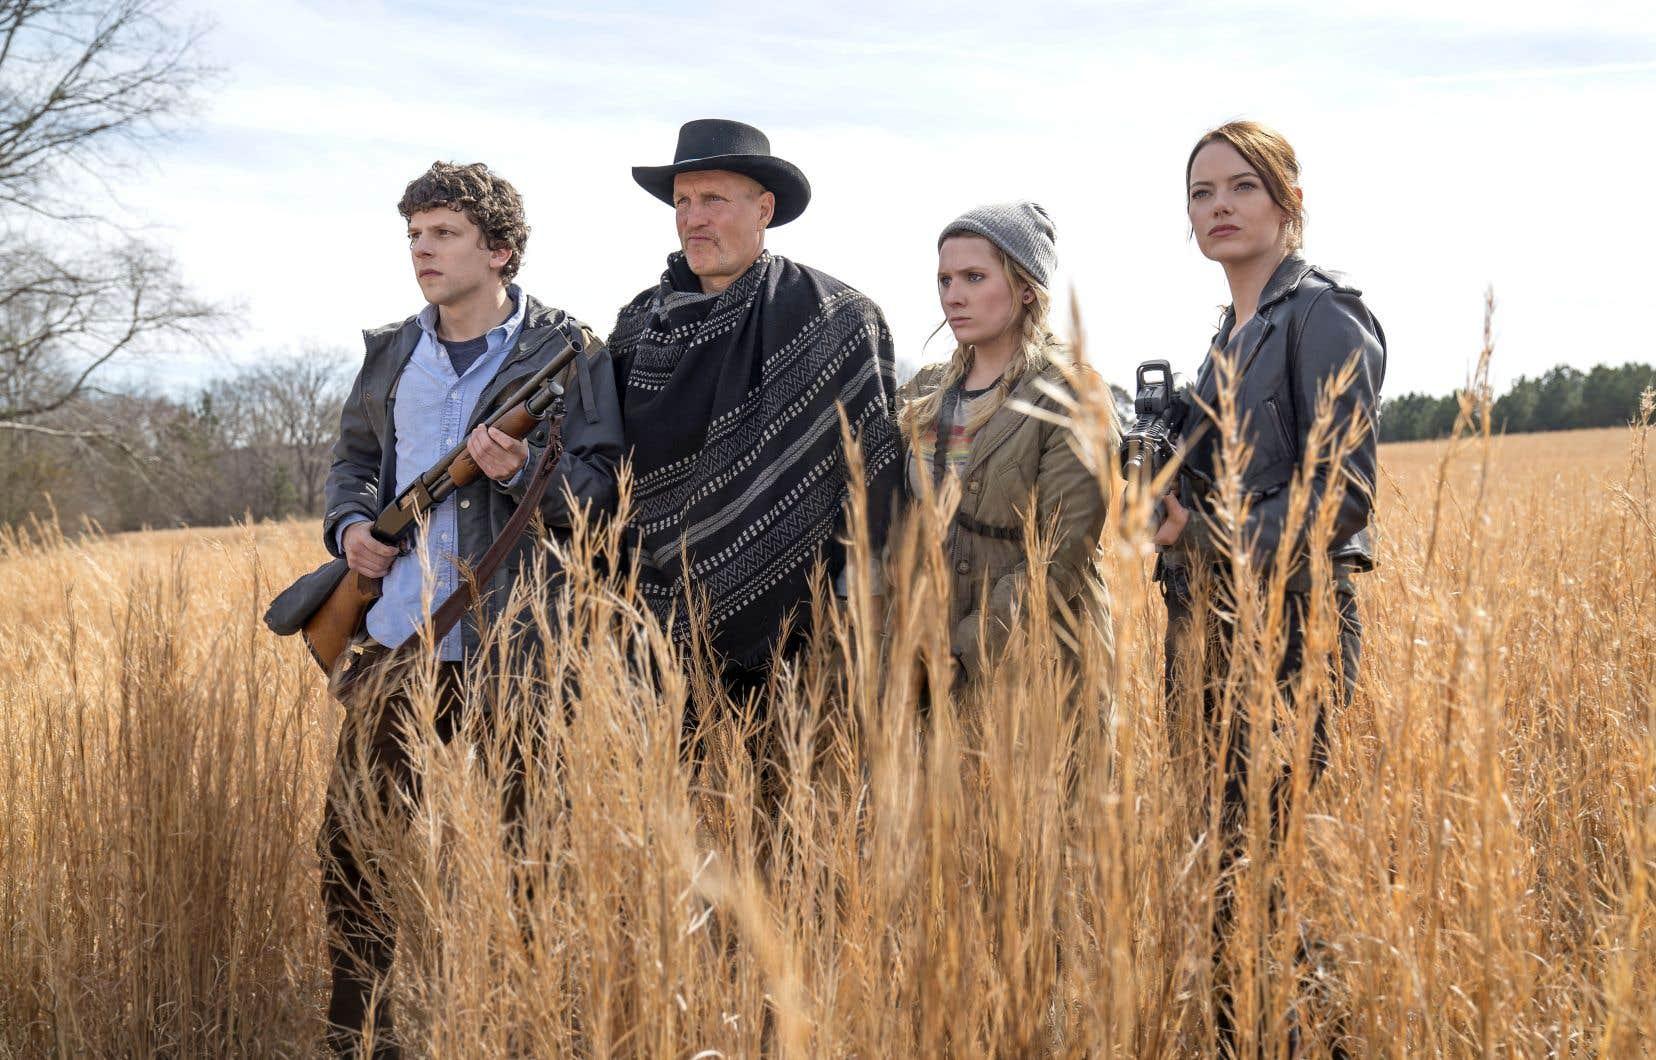 Les survivants Jesse Eisenberg, Woody Harrelson, Abigail Breslin et Emma Stone reprennent leurs aventures dans un monde parsemé de cadavres ambulants dans «Zombieland. Le doublé», à l'affiche dès vendredi.